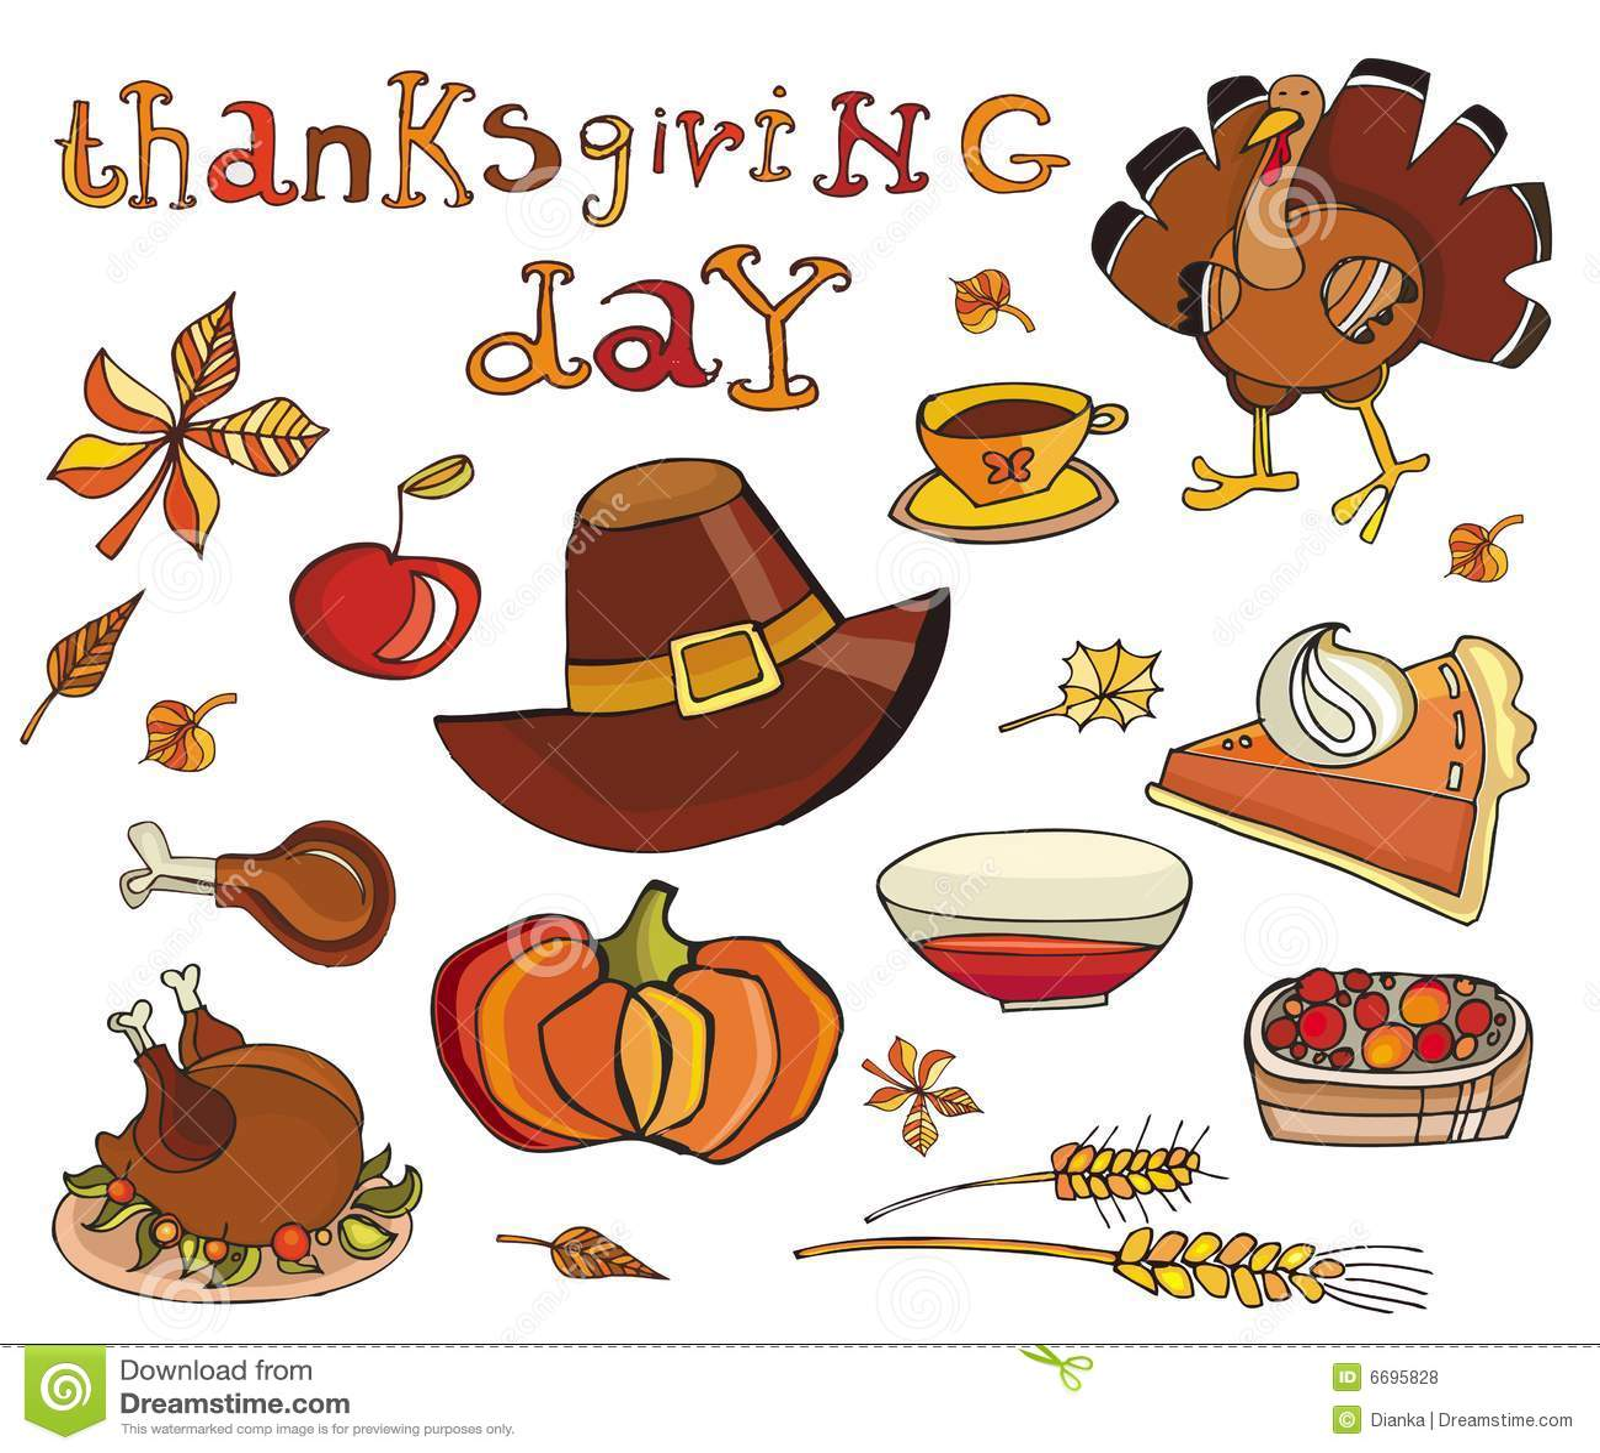 Thanksgiving Day Icon Set Royalty Free Stock Photos